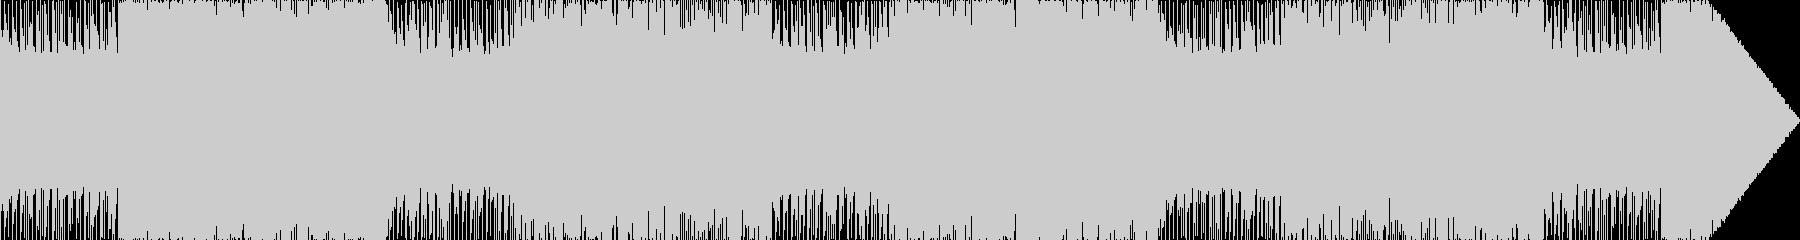 ベース効いたハードなロック、メタル調の曲の未再生の波形